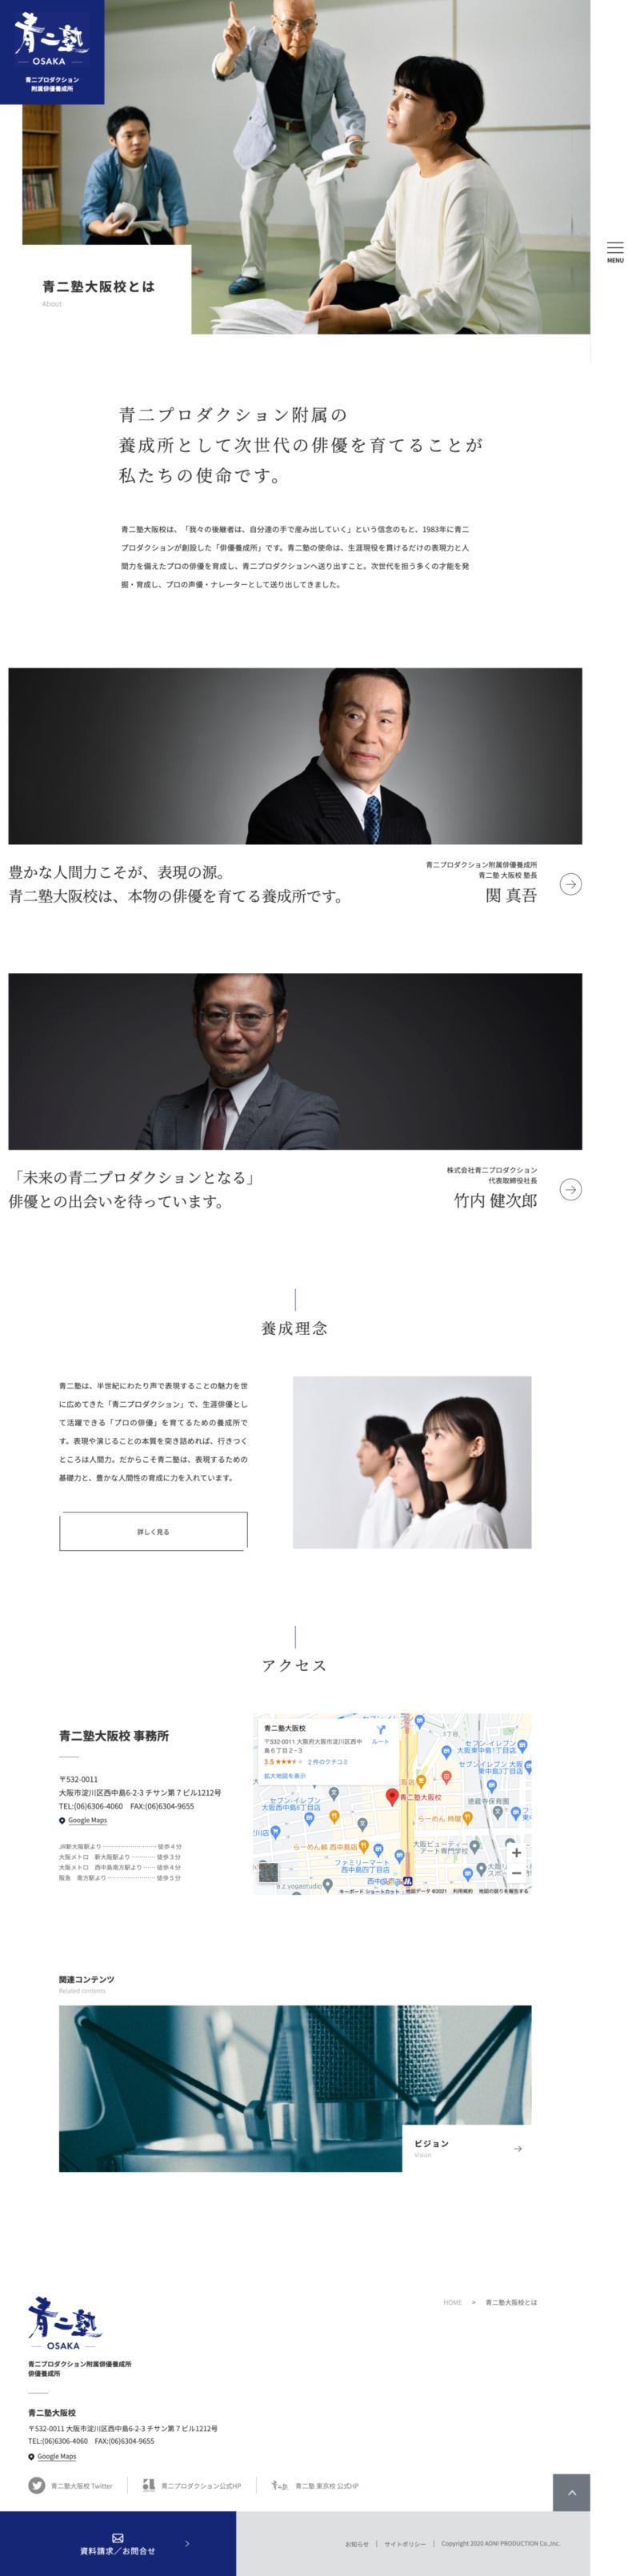 同サイト|「青二塾とは」のページ